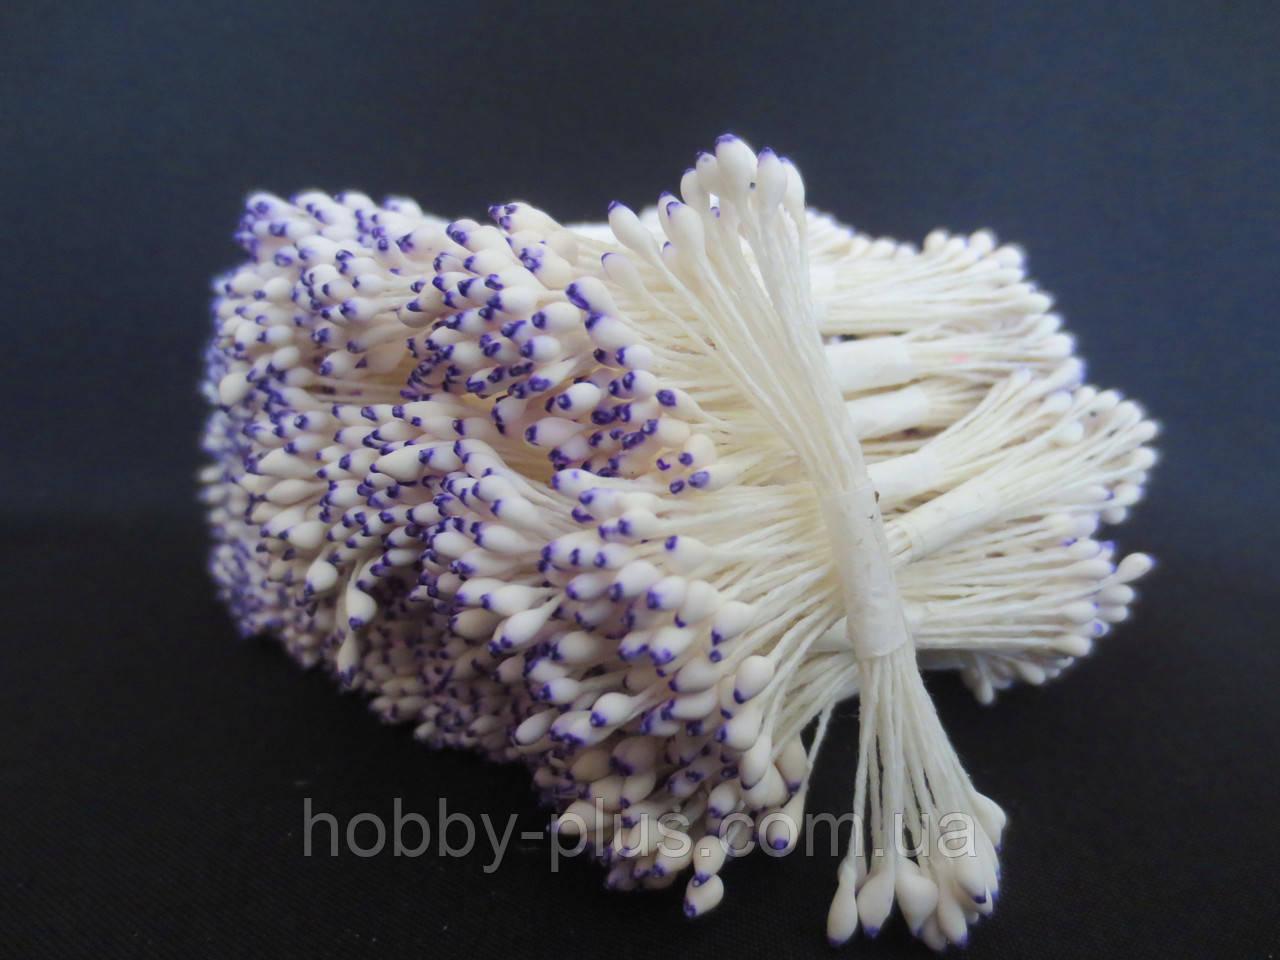 Тайские тычинки, ФИОЛЕТОВО-БЕЛЫЕ, каплевидные на белой нити,  23-25 нитей, 50 головок